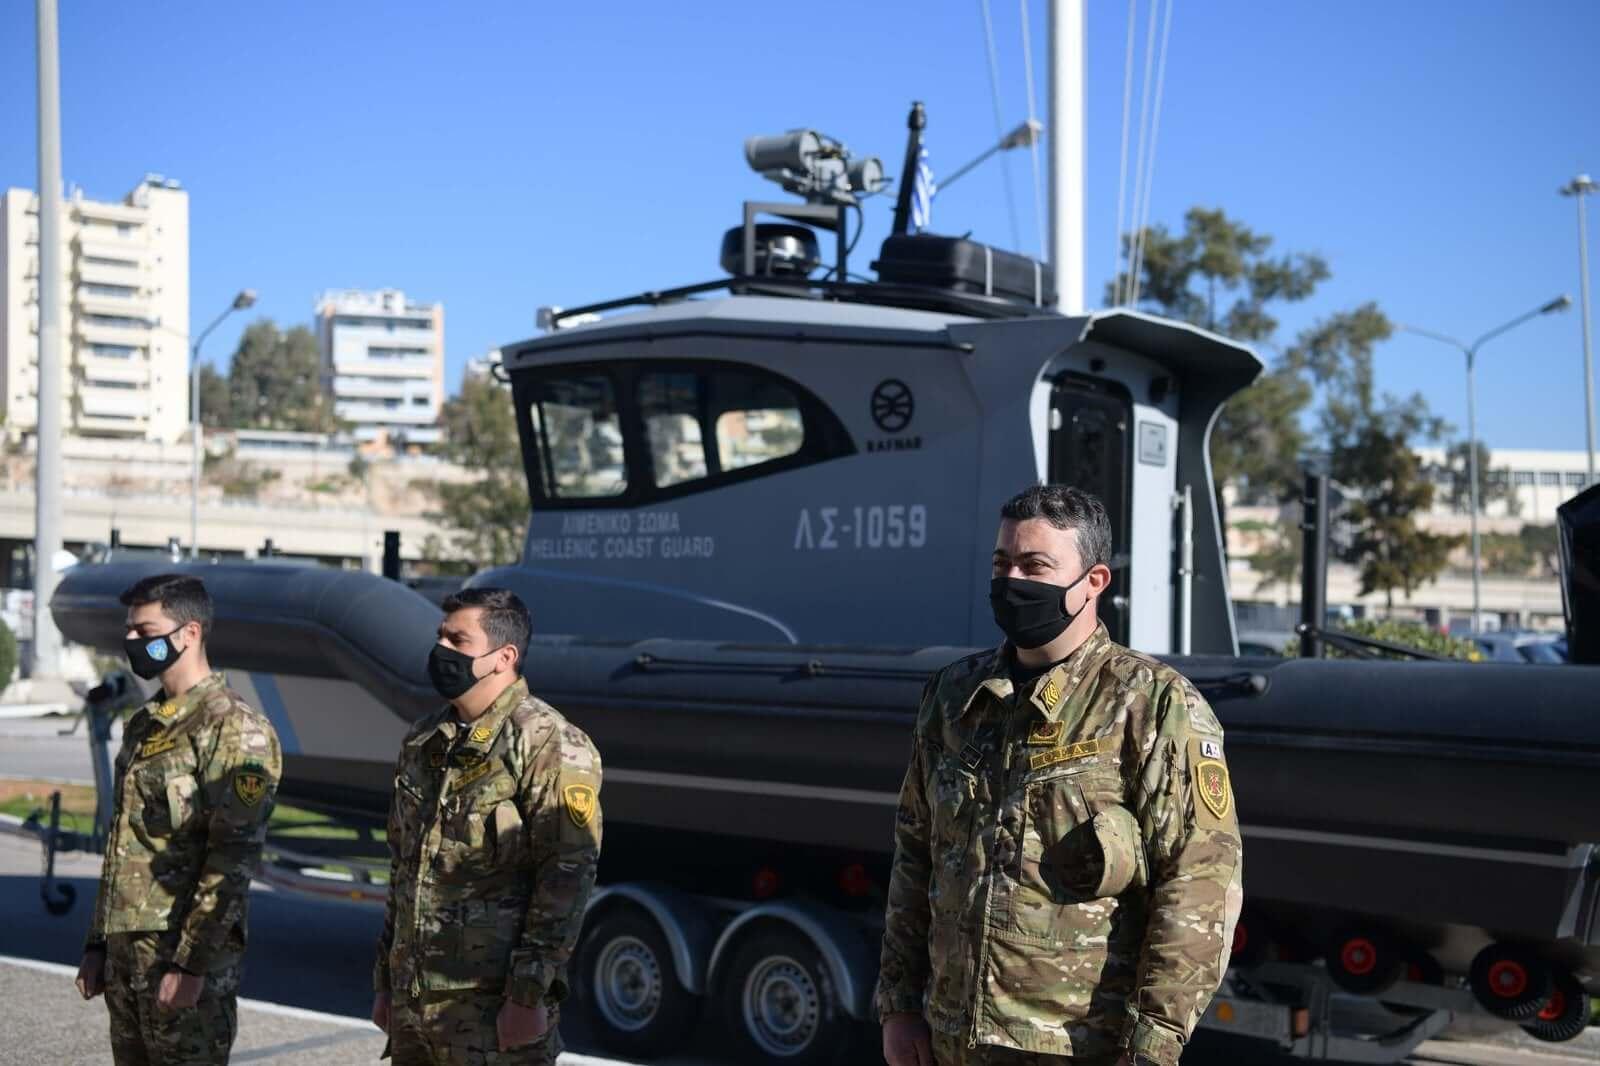 """Υπουργείο Ναυτιλίας : Ακόμα δυο σκάφη Rafnar από την δωρεά της  """"ΣΥΝ-ΕΝΩΣΙΣ"""